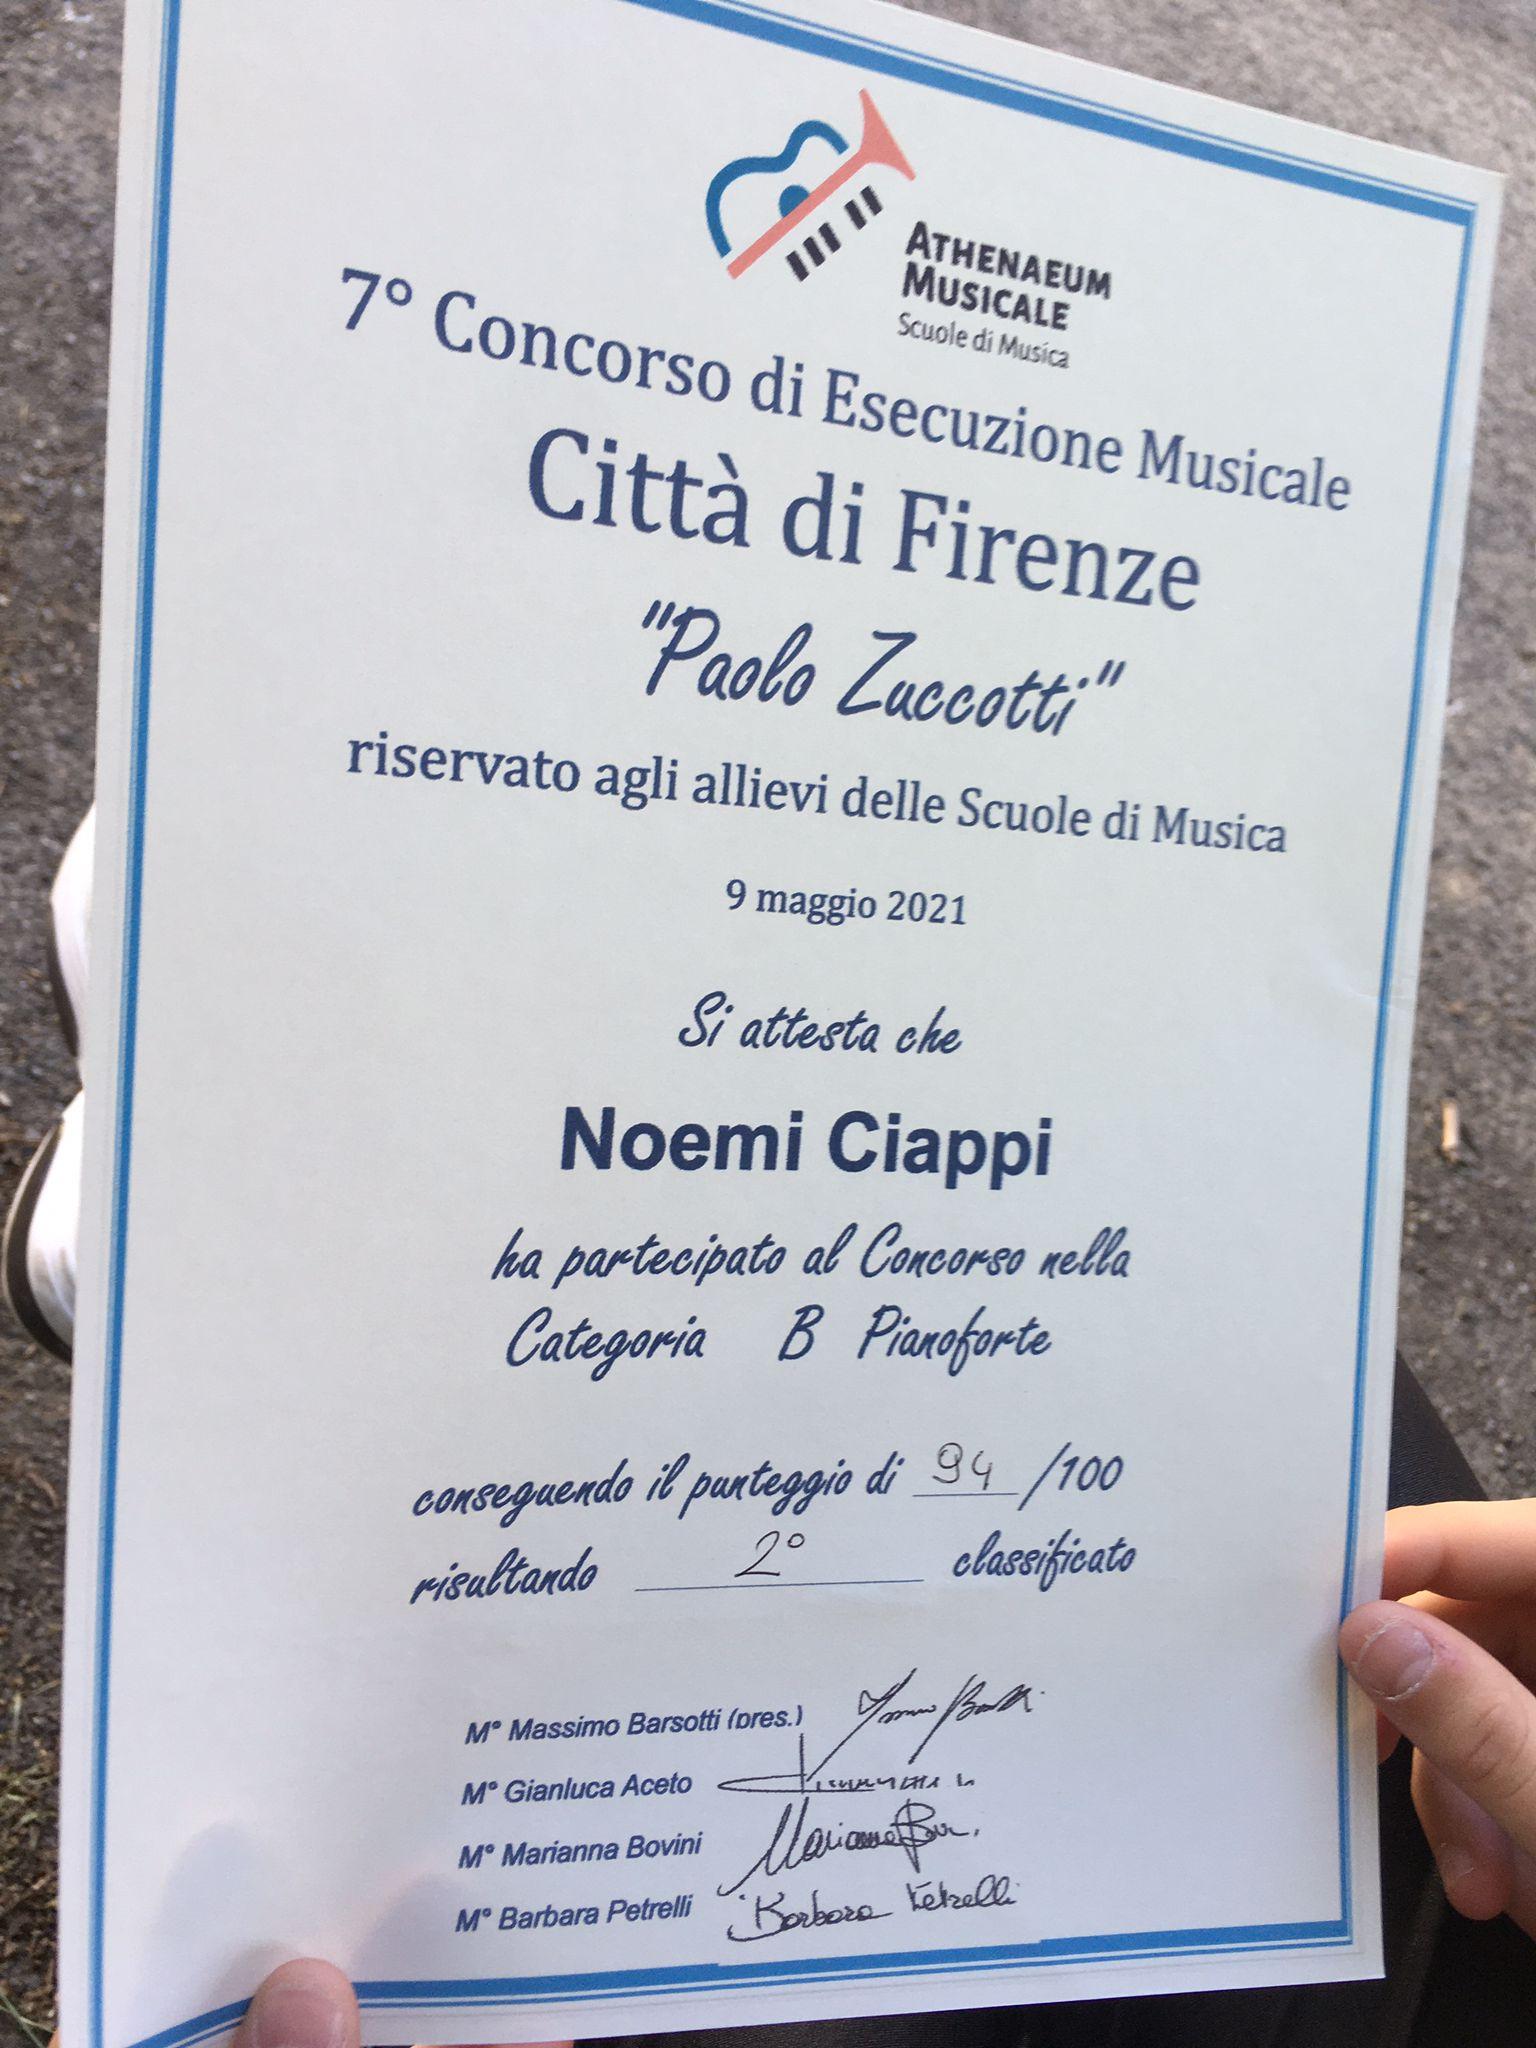 Attestato di Noemi Ciappi